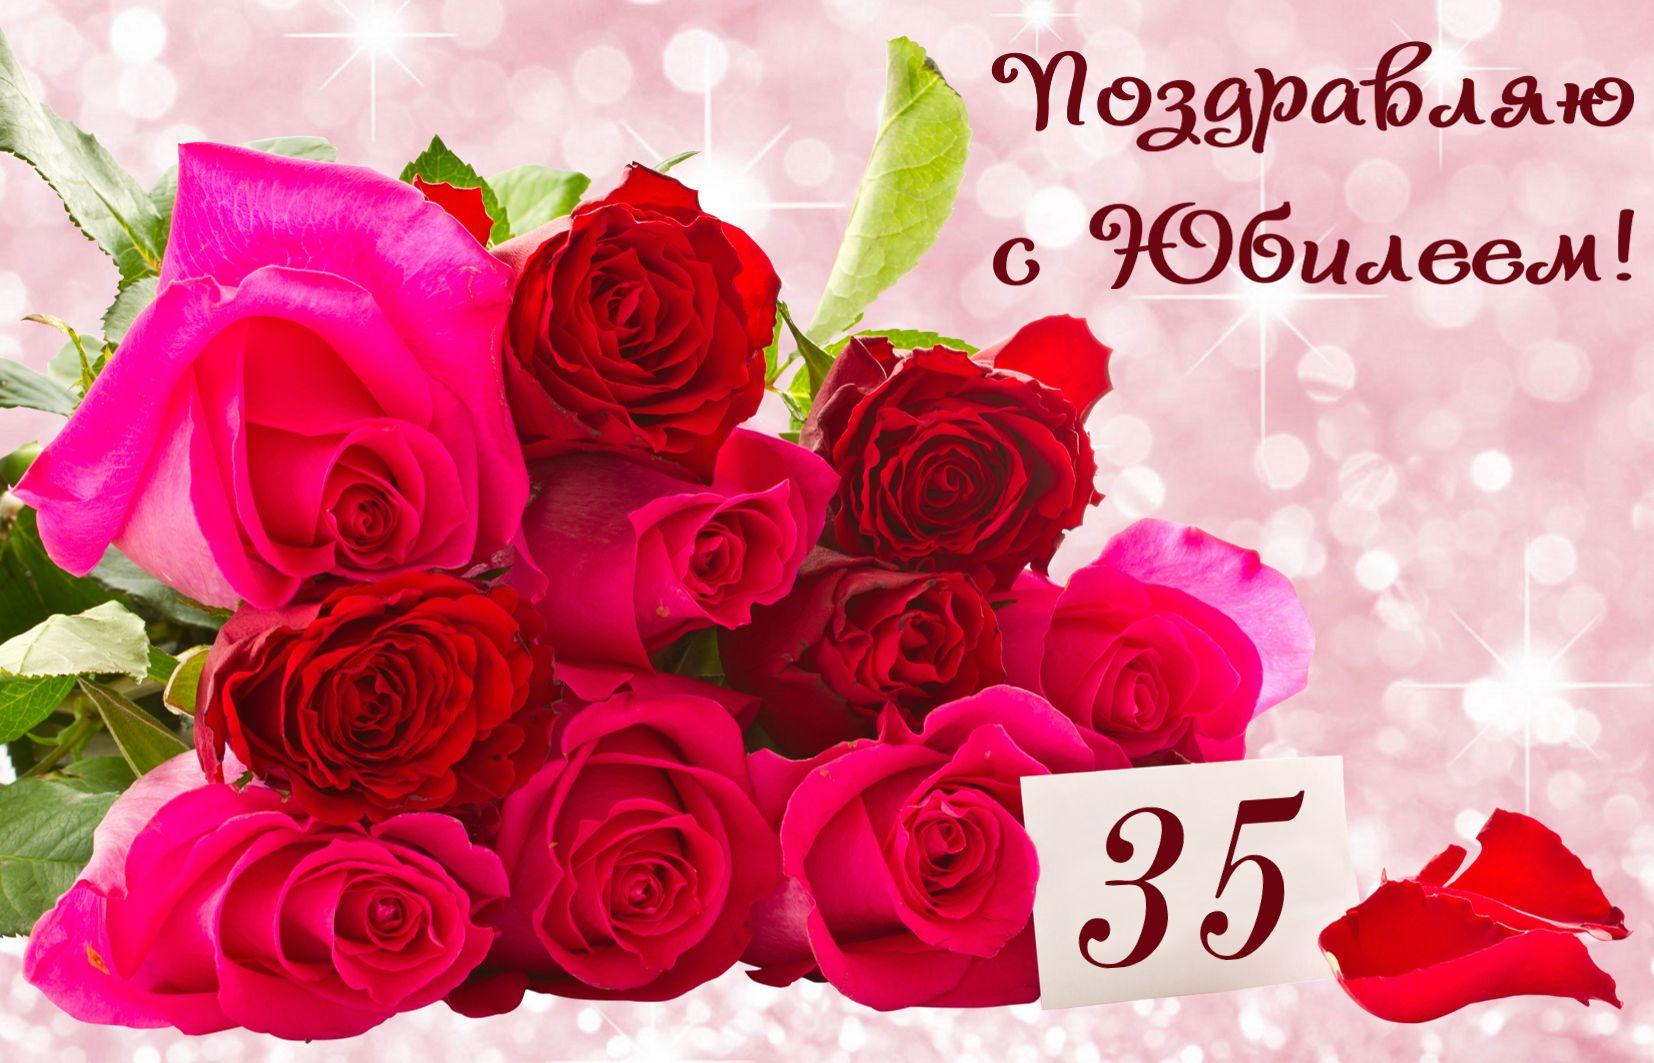 Открытка - розы и поздравление к юбилею 35 лет